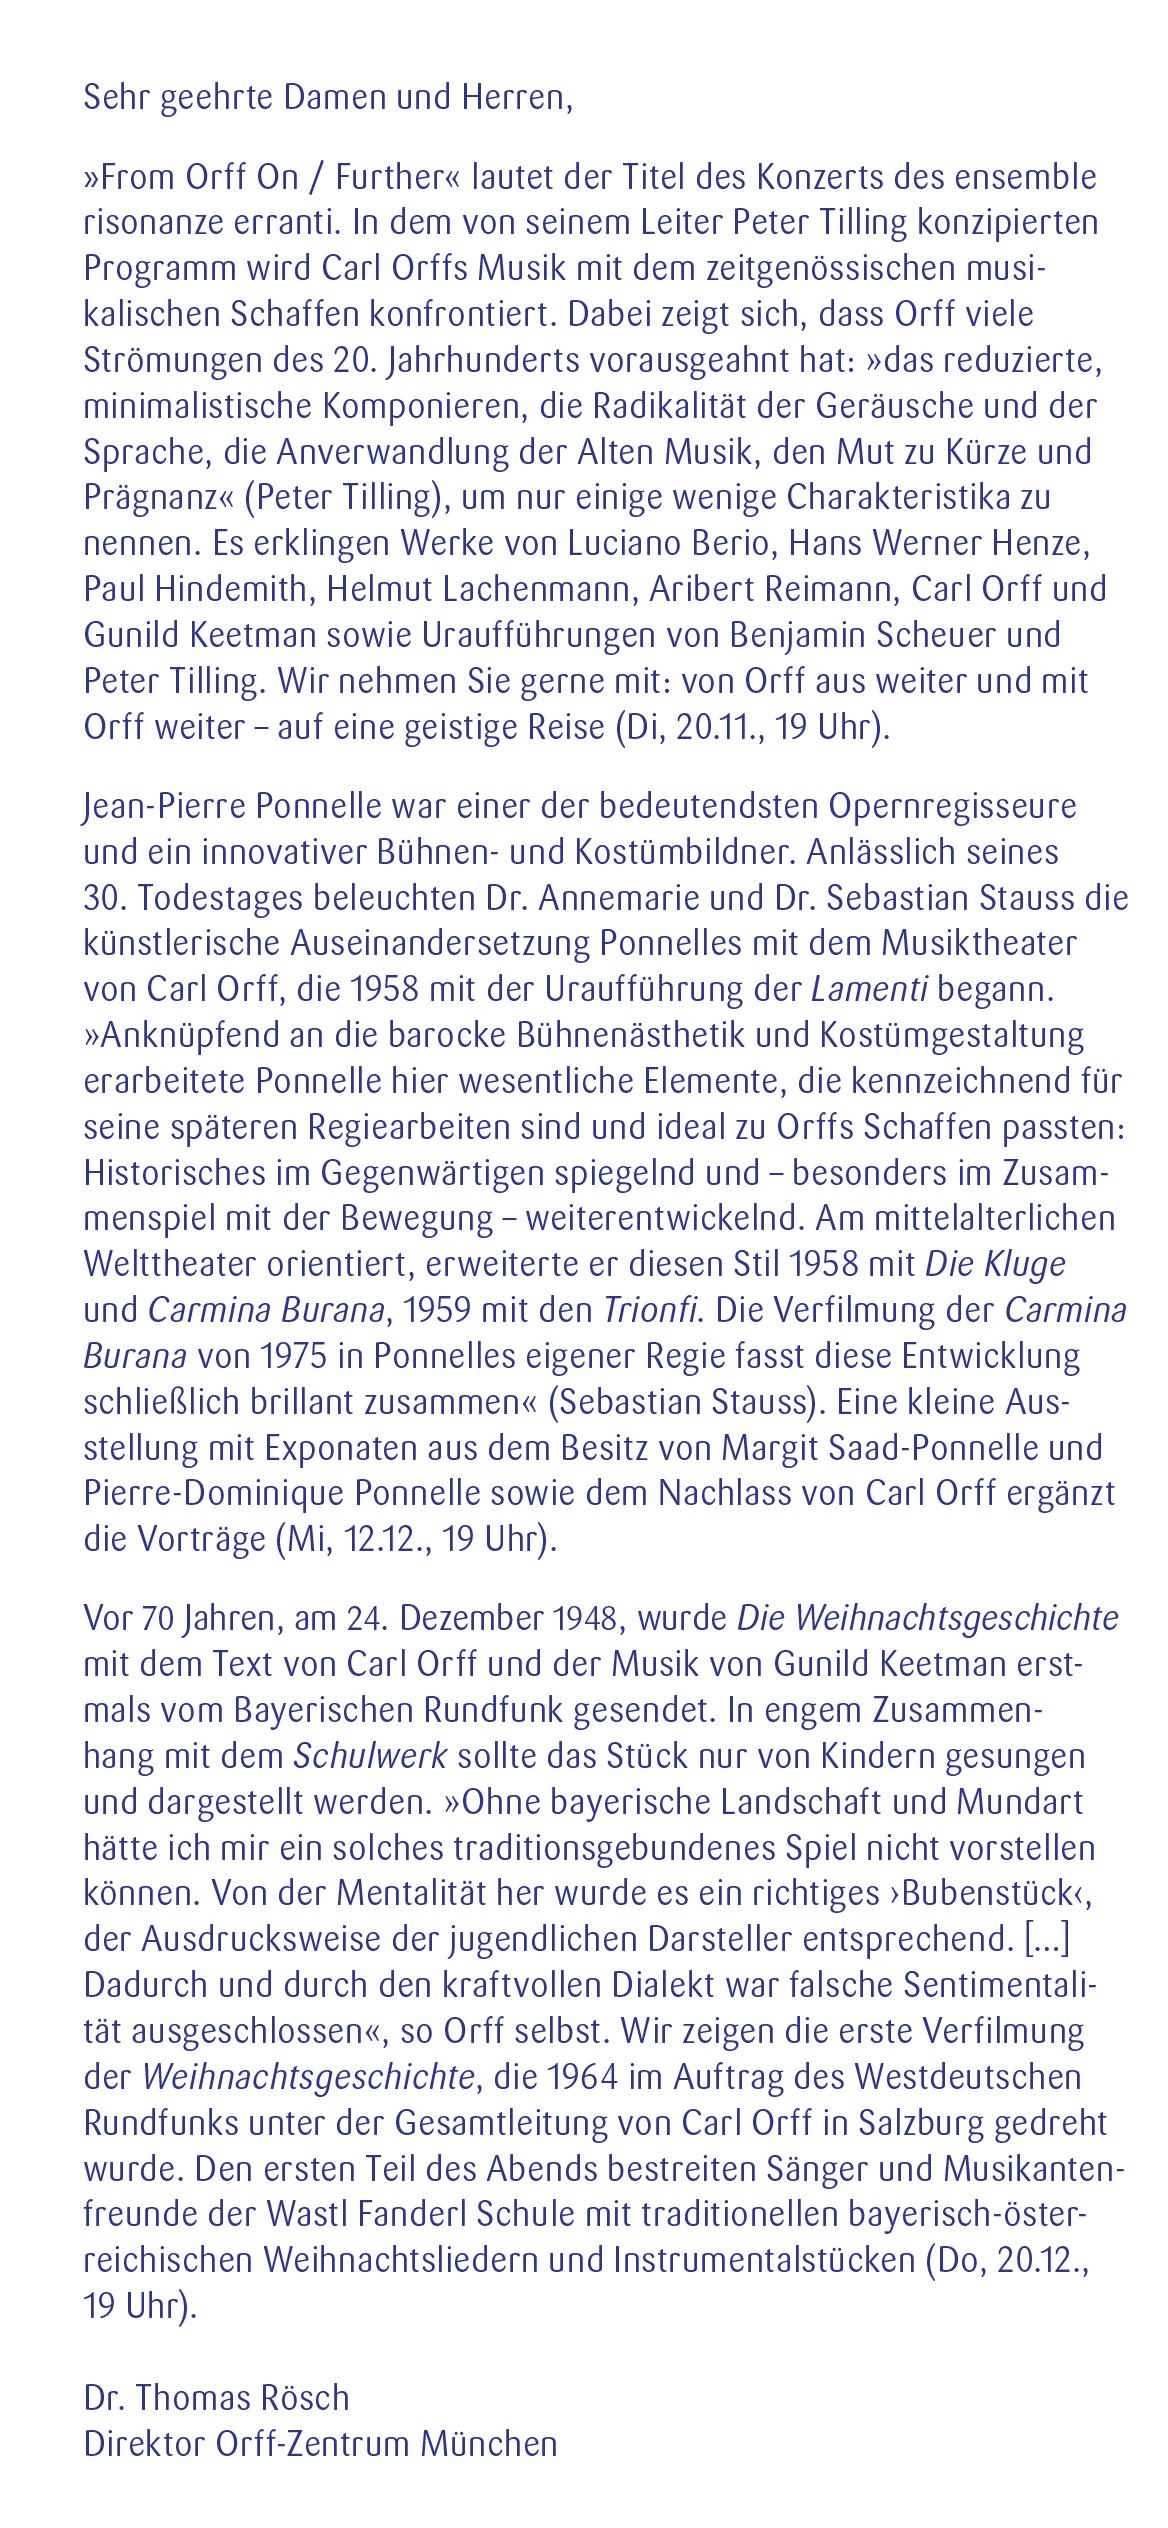 Orff-Zentrum München, Veranstaltungsflyer Nov.-Dez. 2018, Seite 2